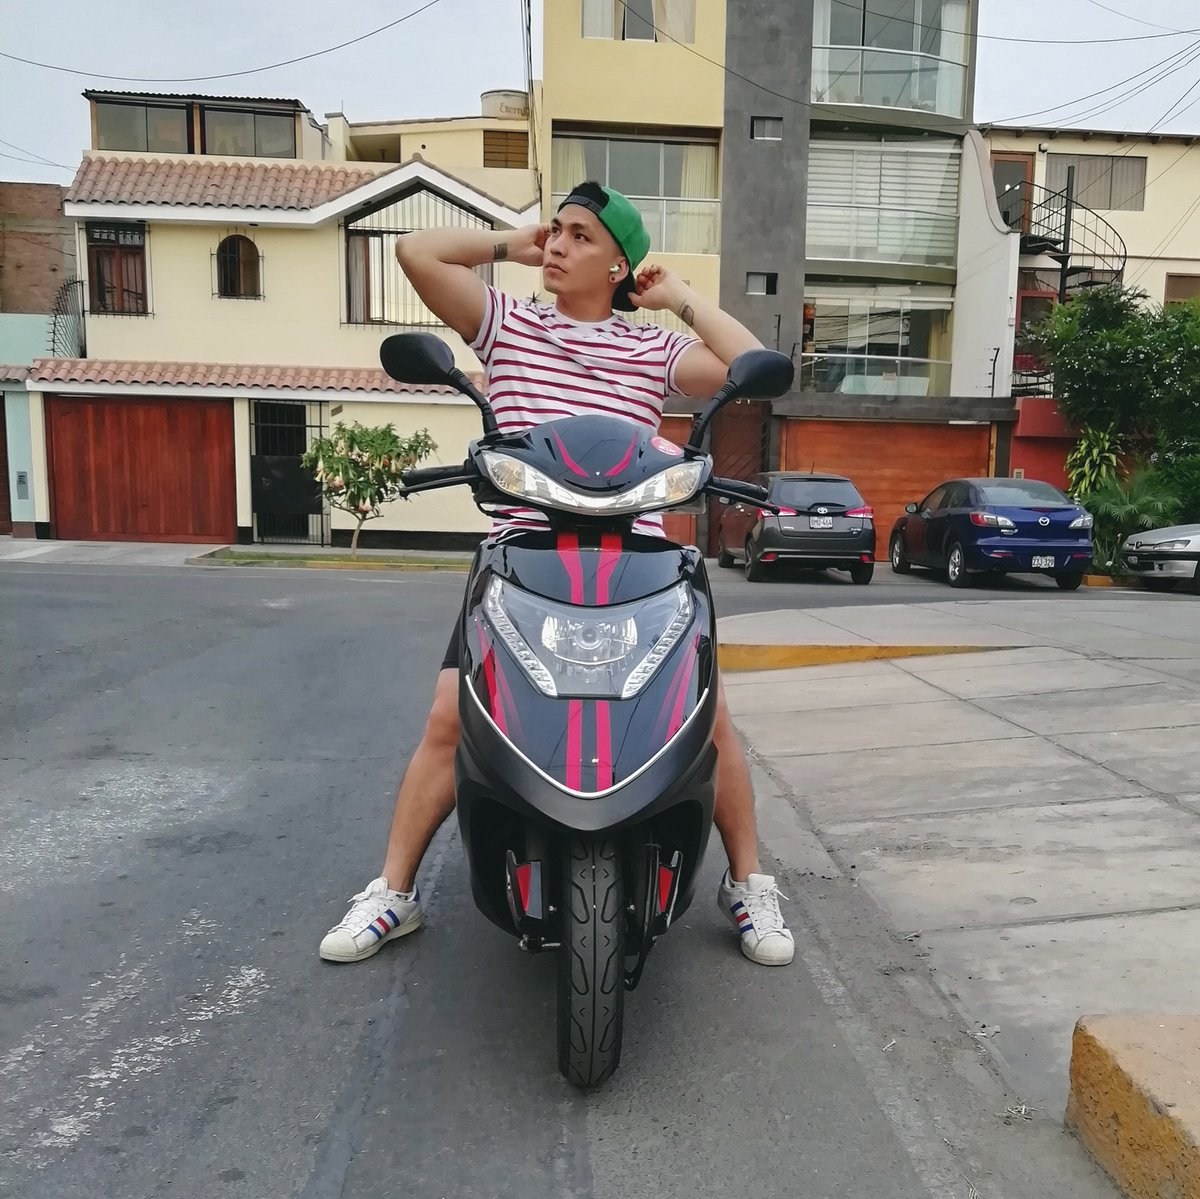 Domingueando en dos ruedas! 🛵 Esta bien así o más sexy. 🤭 #millenials #fresh #daddysgirls #positivevibes #domingo #motorcyclez